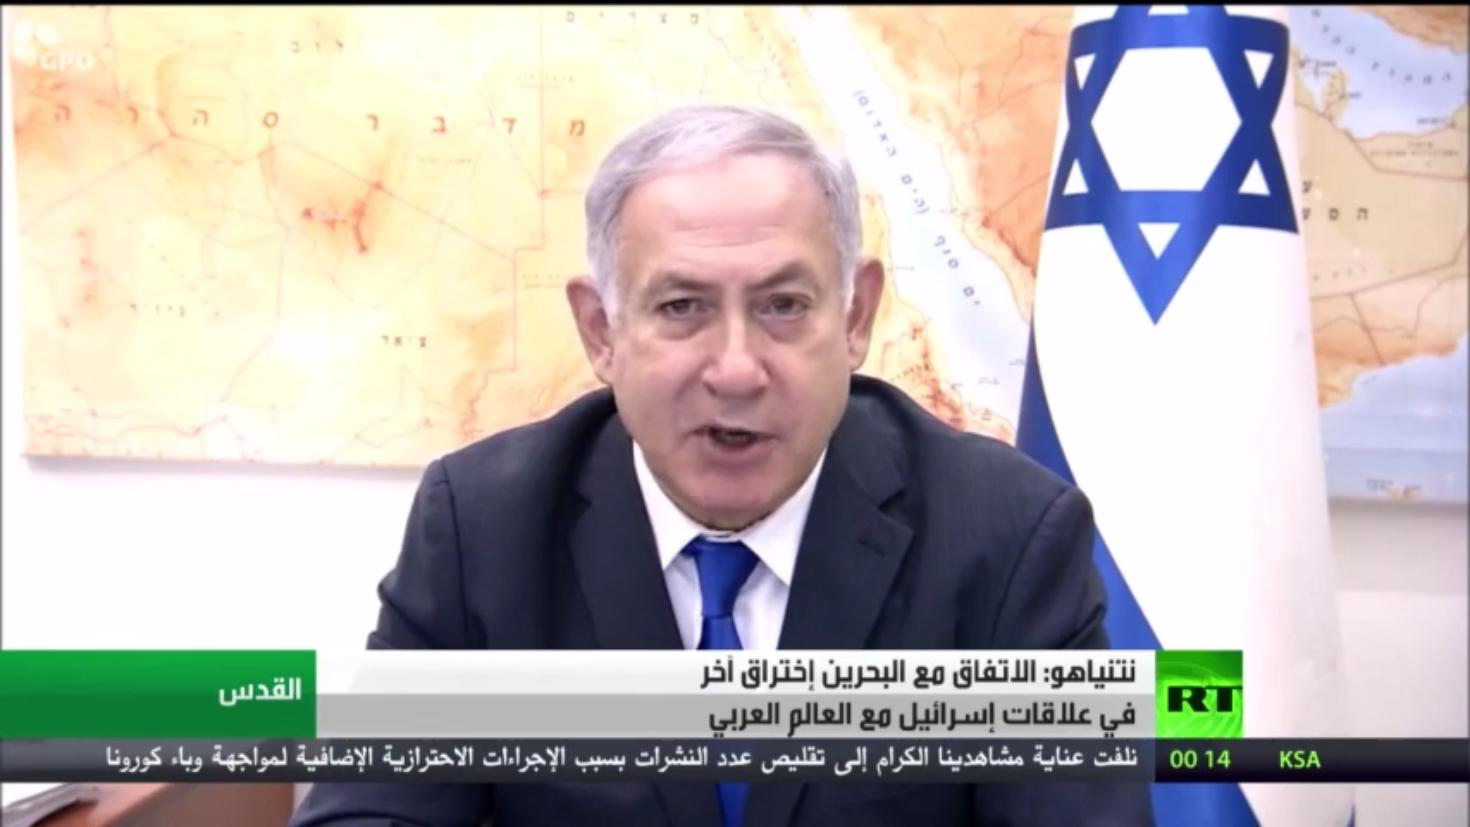 نتنياهو: السلام يتم عبر اتخاذ خطوات عملاقة